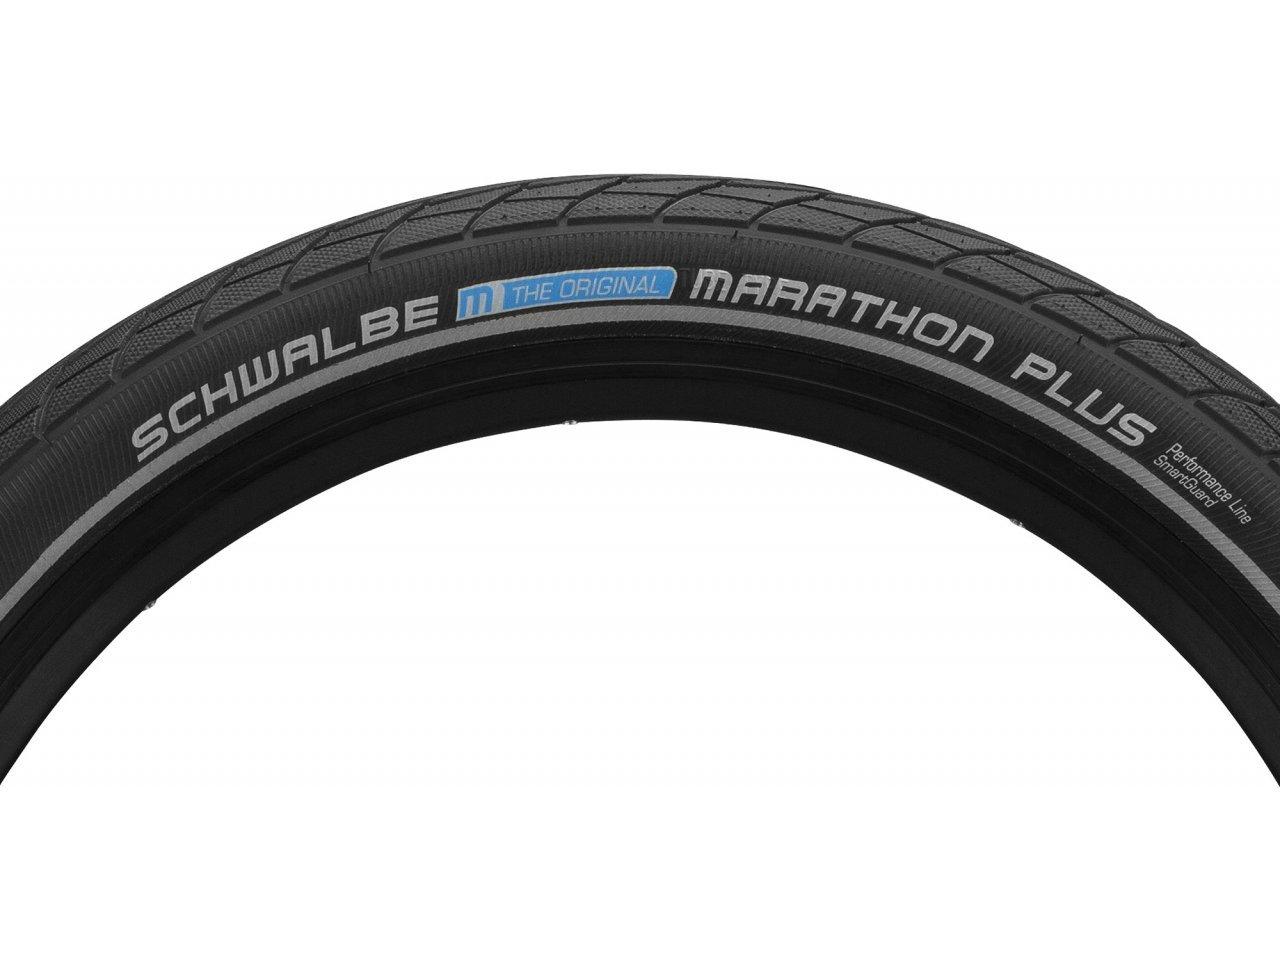 Schwalbe unplattbar Reifen